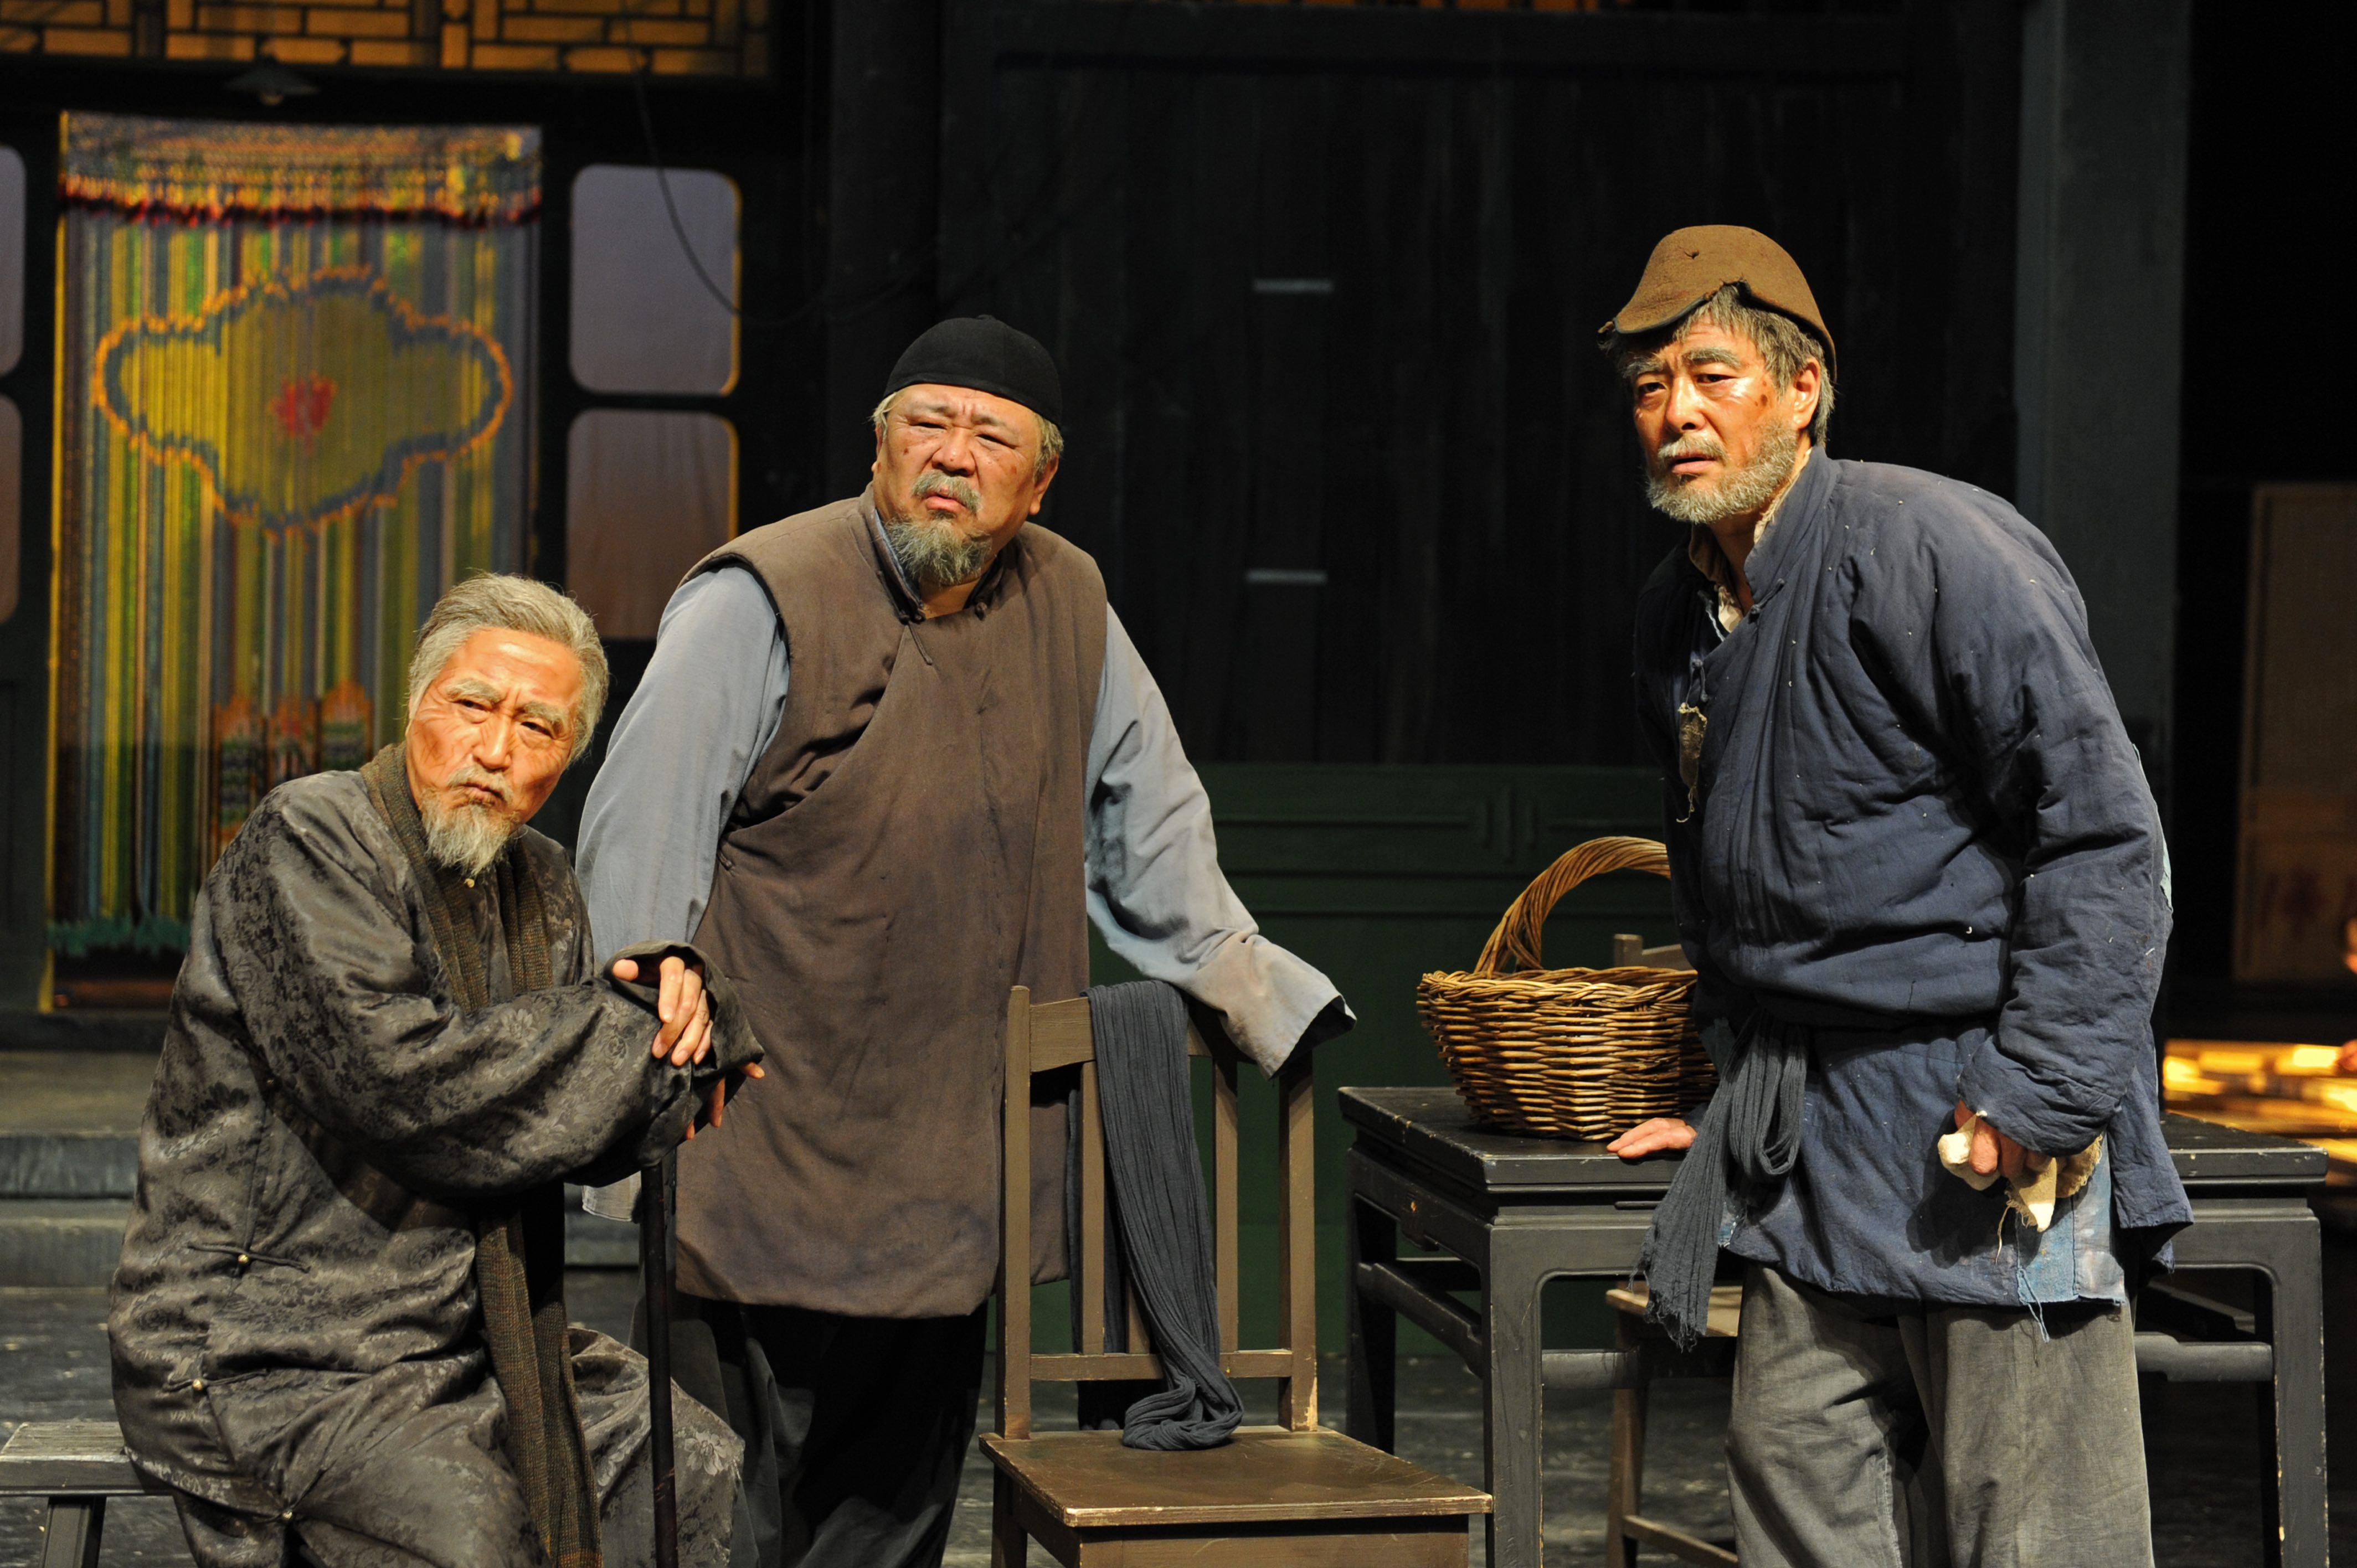 Image: Beijing People's Art Theatre